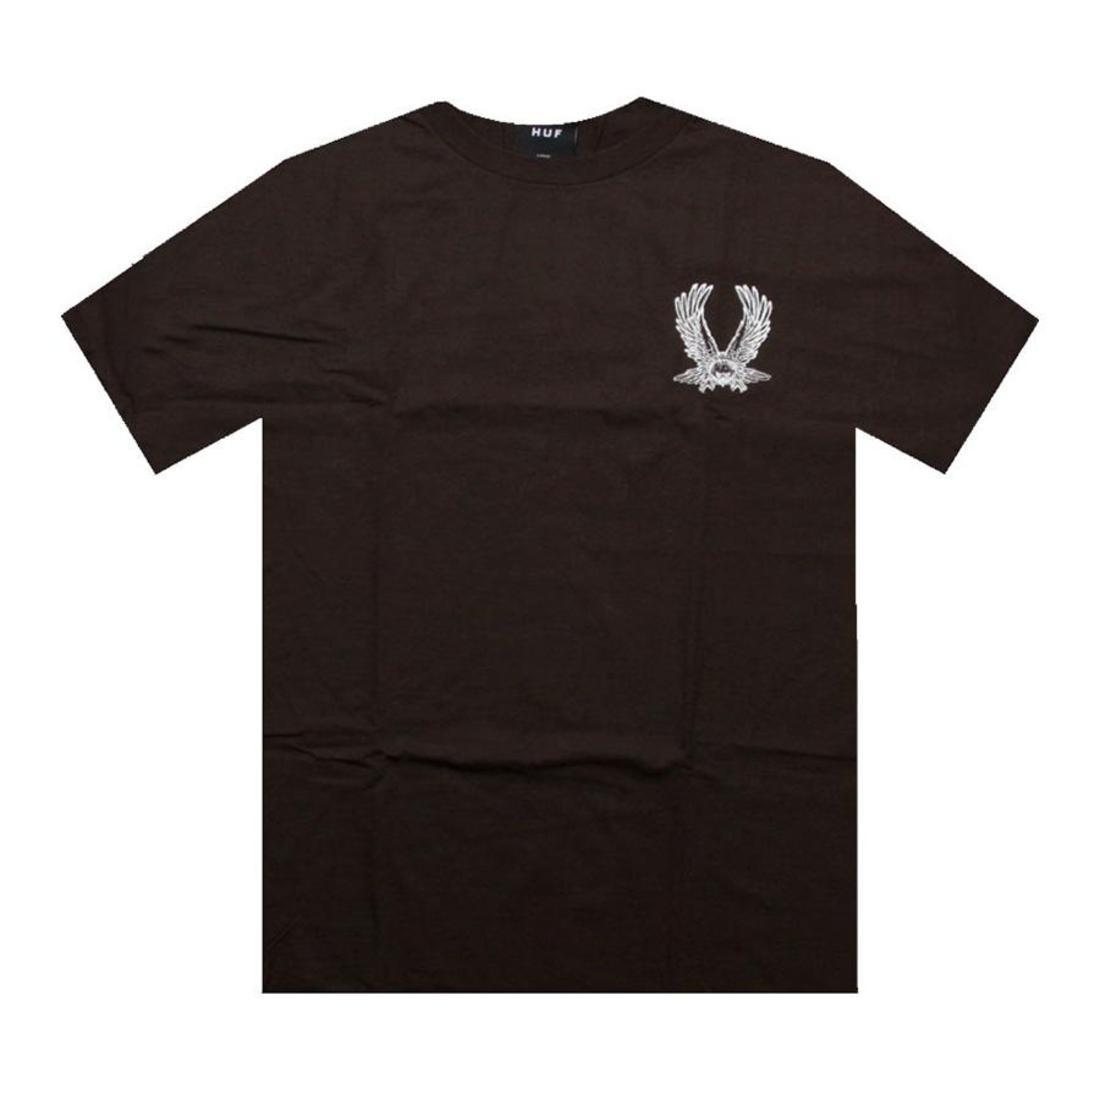 HUF ハフ フライト Tシャツ 茶 ブラウン 【 HUF FLIGHT BROWN TEE 】 メンズファッション トップス Tシャツ カットソー